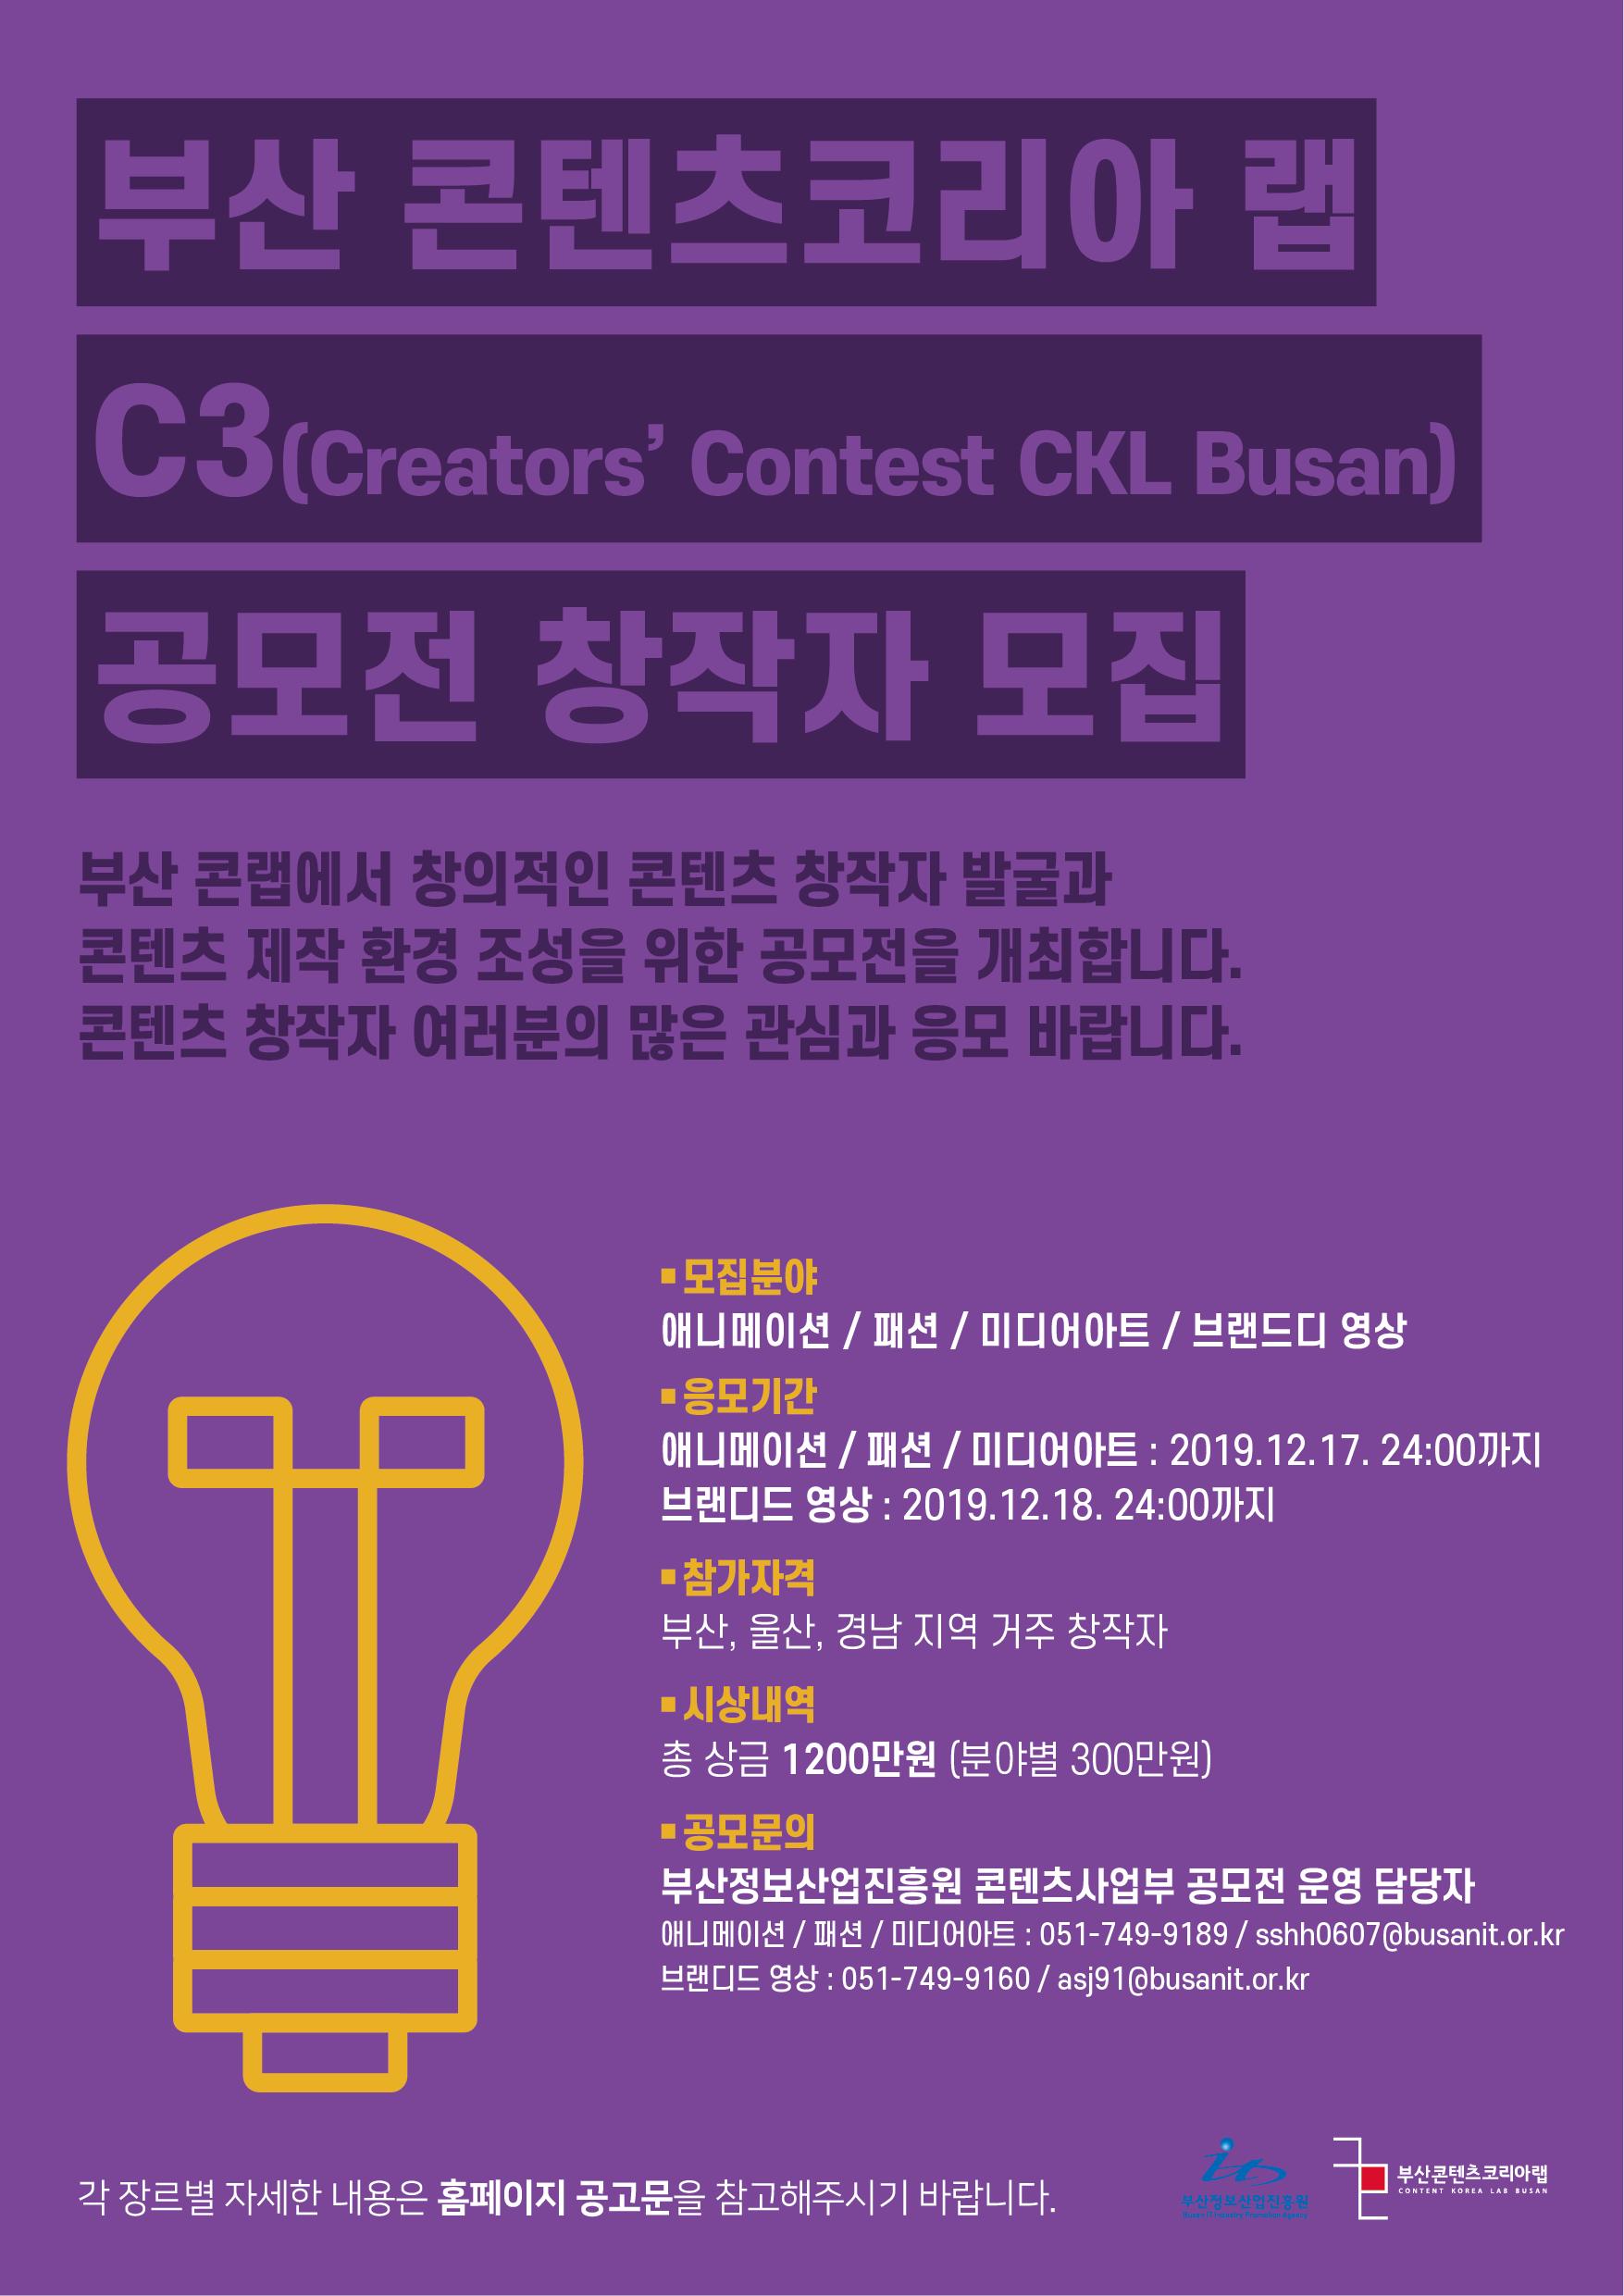 2019 부산 콘텐츠코리아 랩 C3 공모전 모집공고